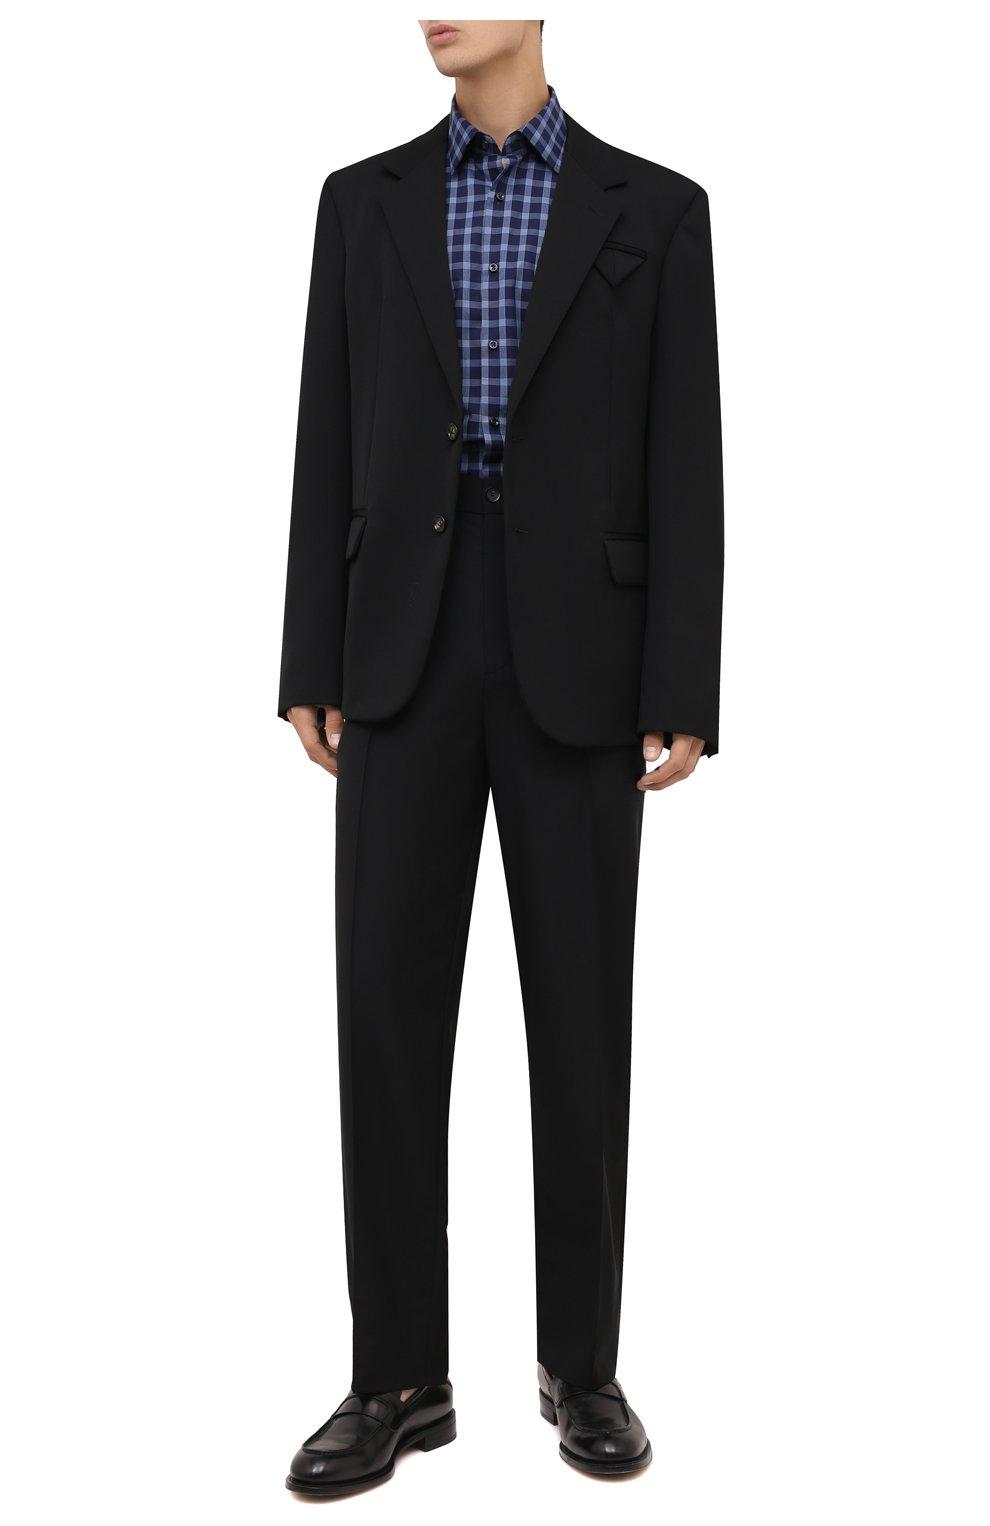 Мужская хлопковая рубашка BOSS синего цвета, арт. 50454035   Фото 2 (Манжеты: На пуговицах; Принт: Клетка; Воротник: Кент; Рукава: Длинные; Случай: Повседневный; Длина (для топов): Стандартные; Рубашки М: Slim Fit; Материал внешний: Хлопок; Стили: Кэжуэл)